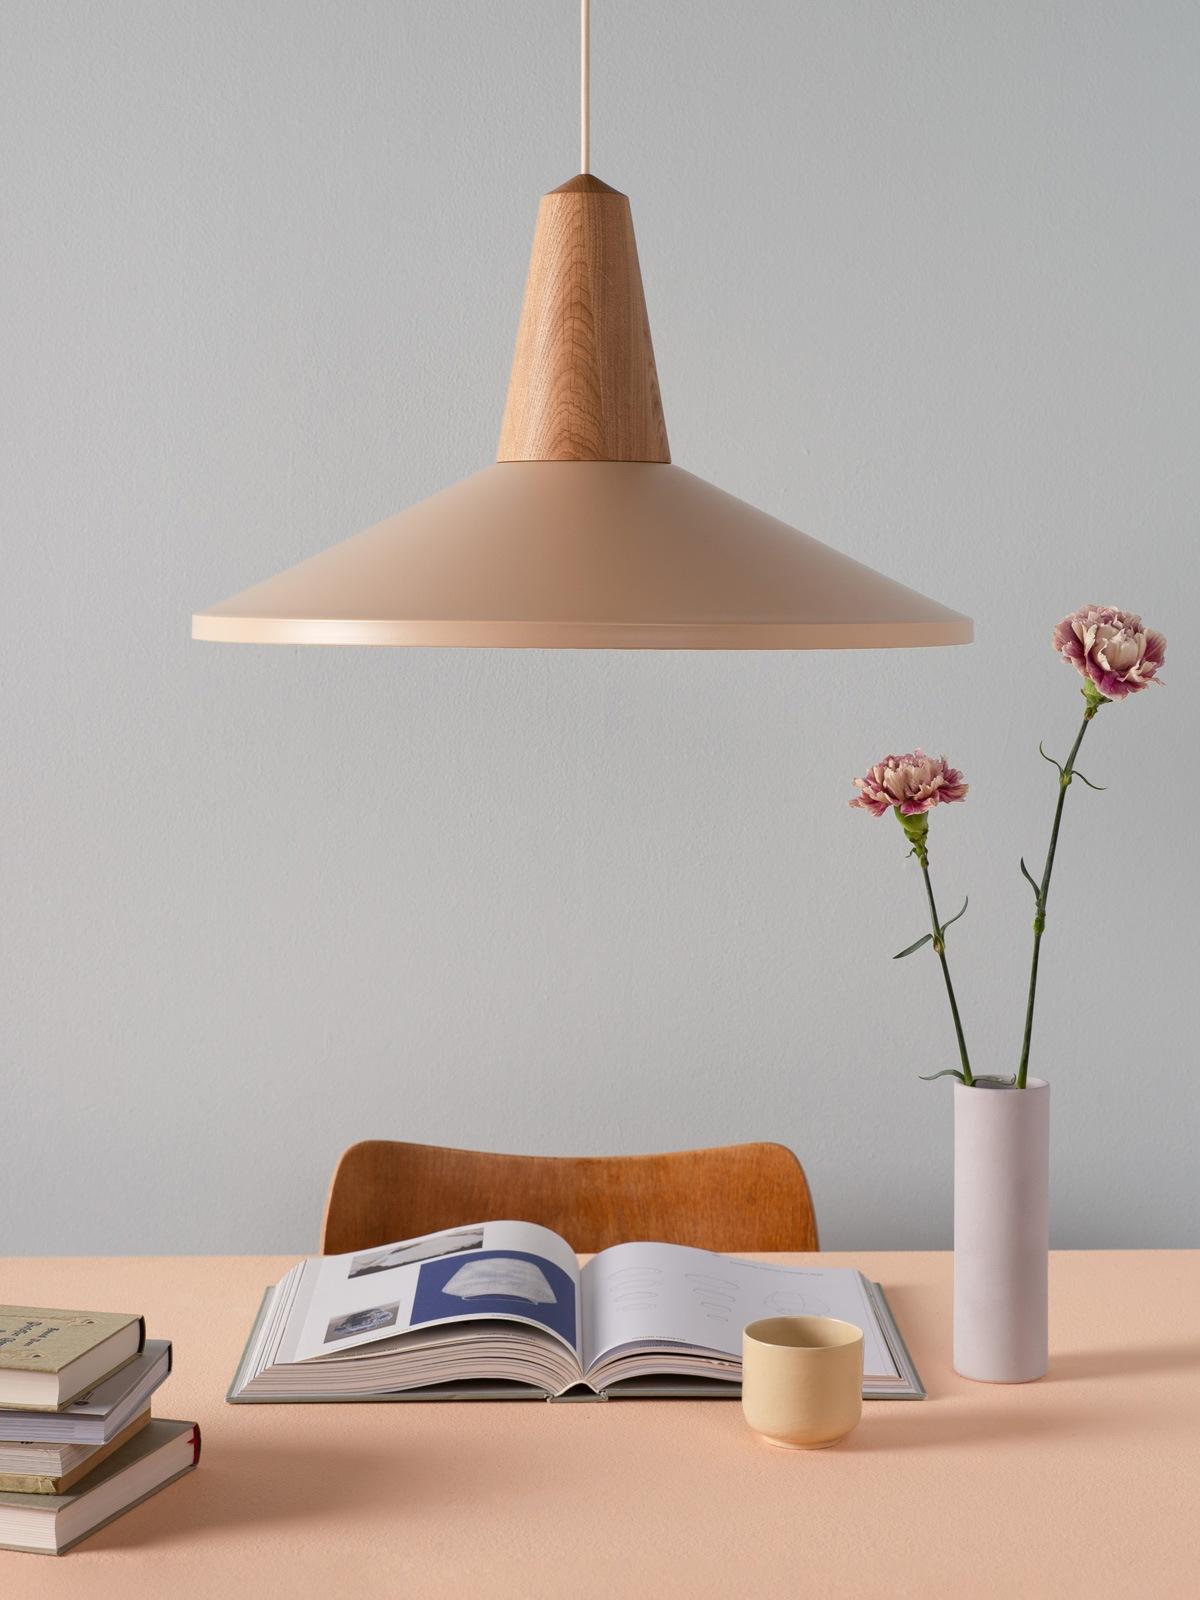 Schneid Leuchte Eikon Shell DesignOrt Lampen Berlin